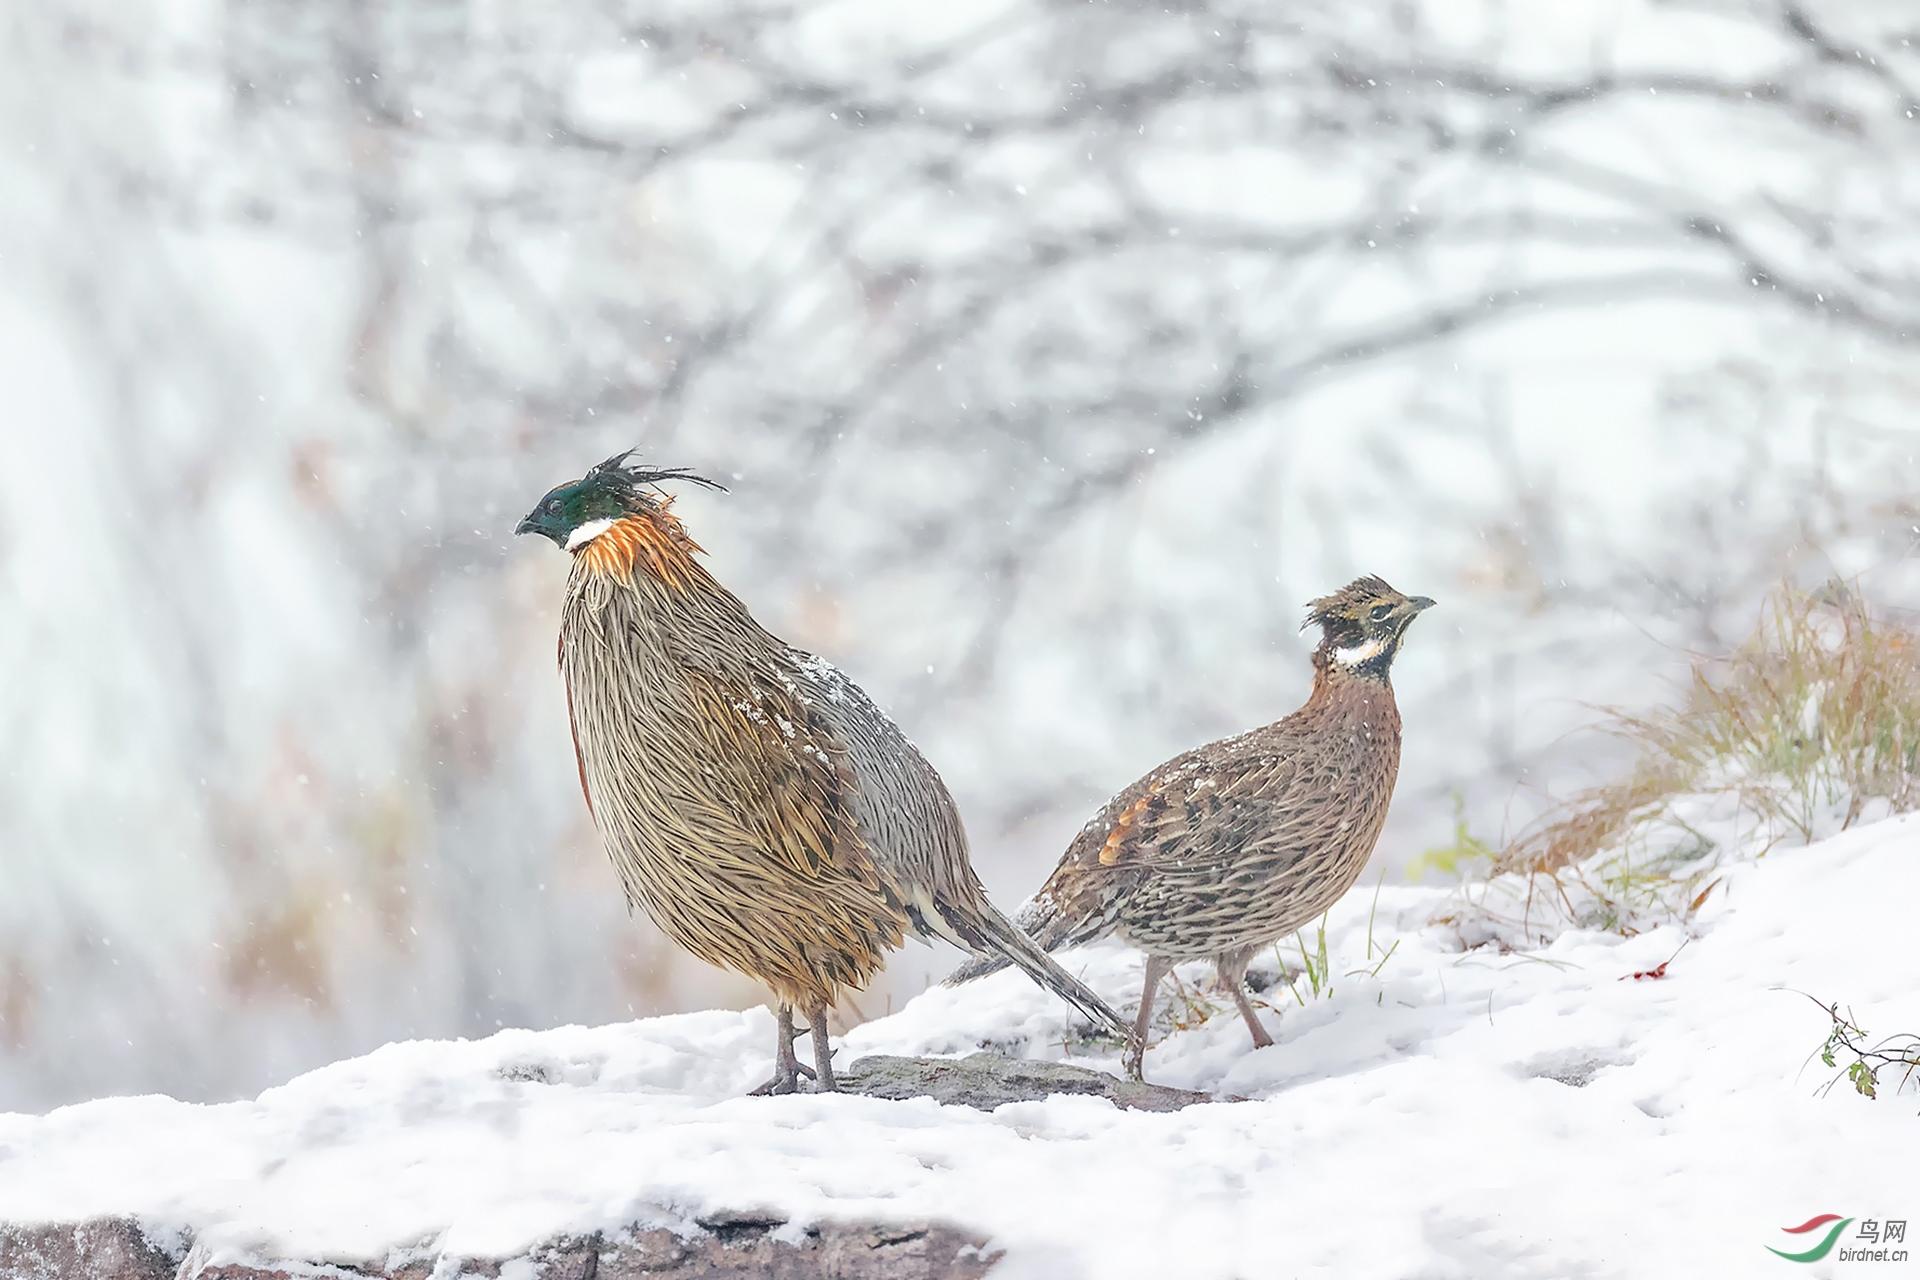 雪中勺鸡.jpg